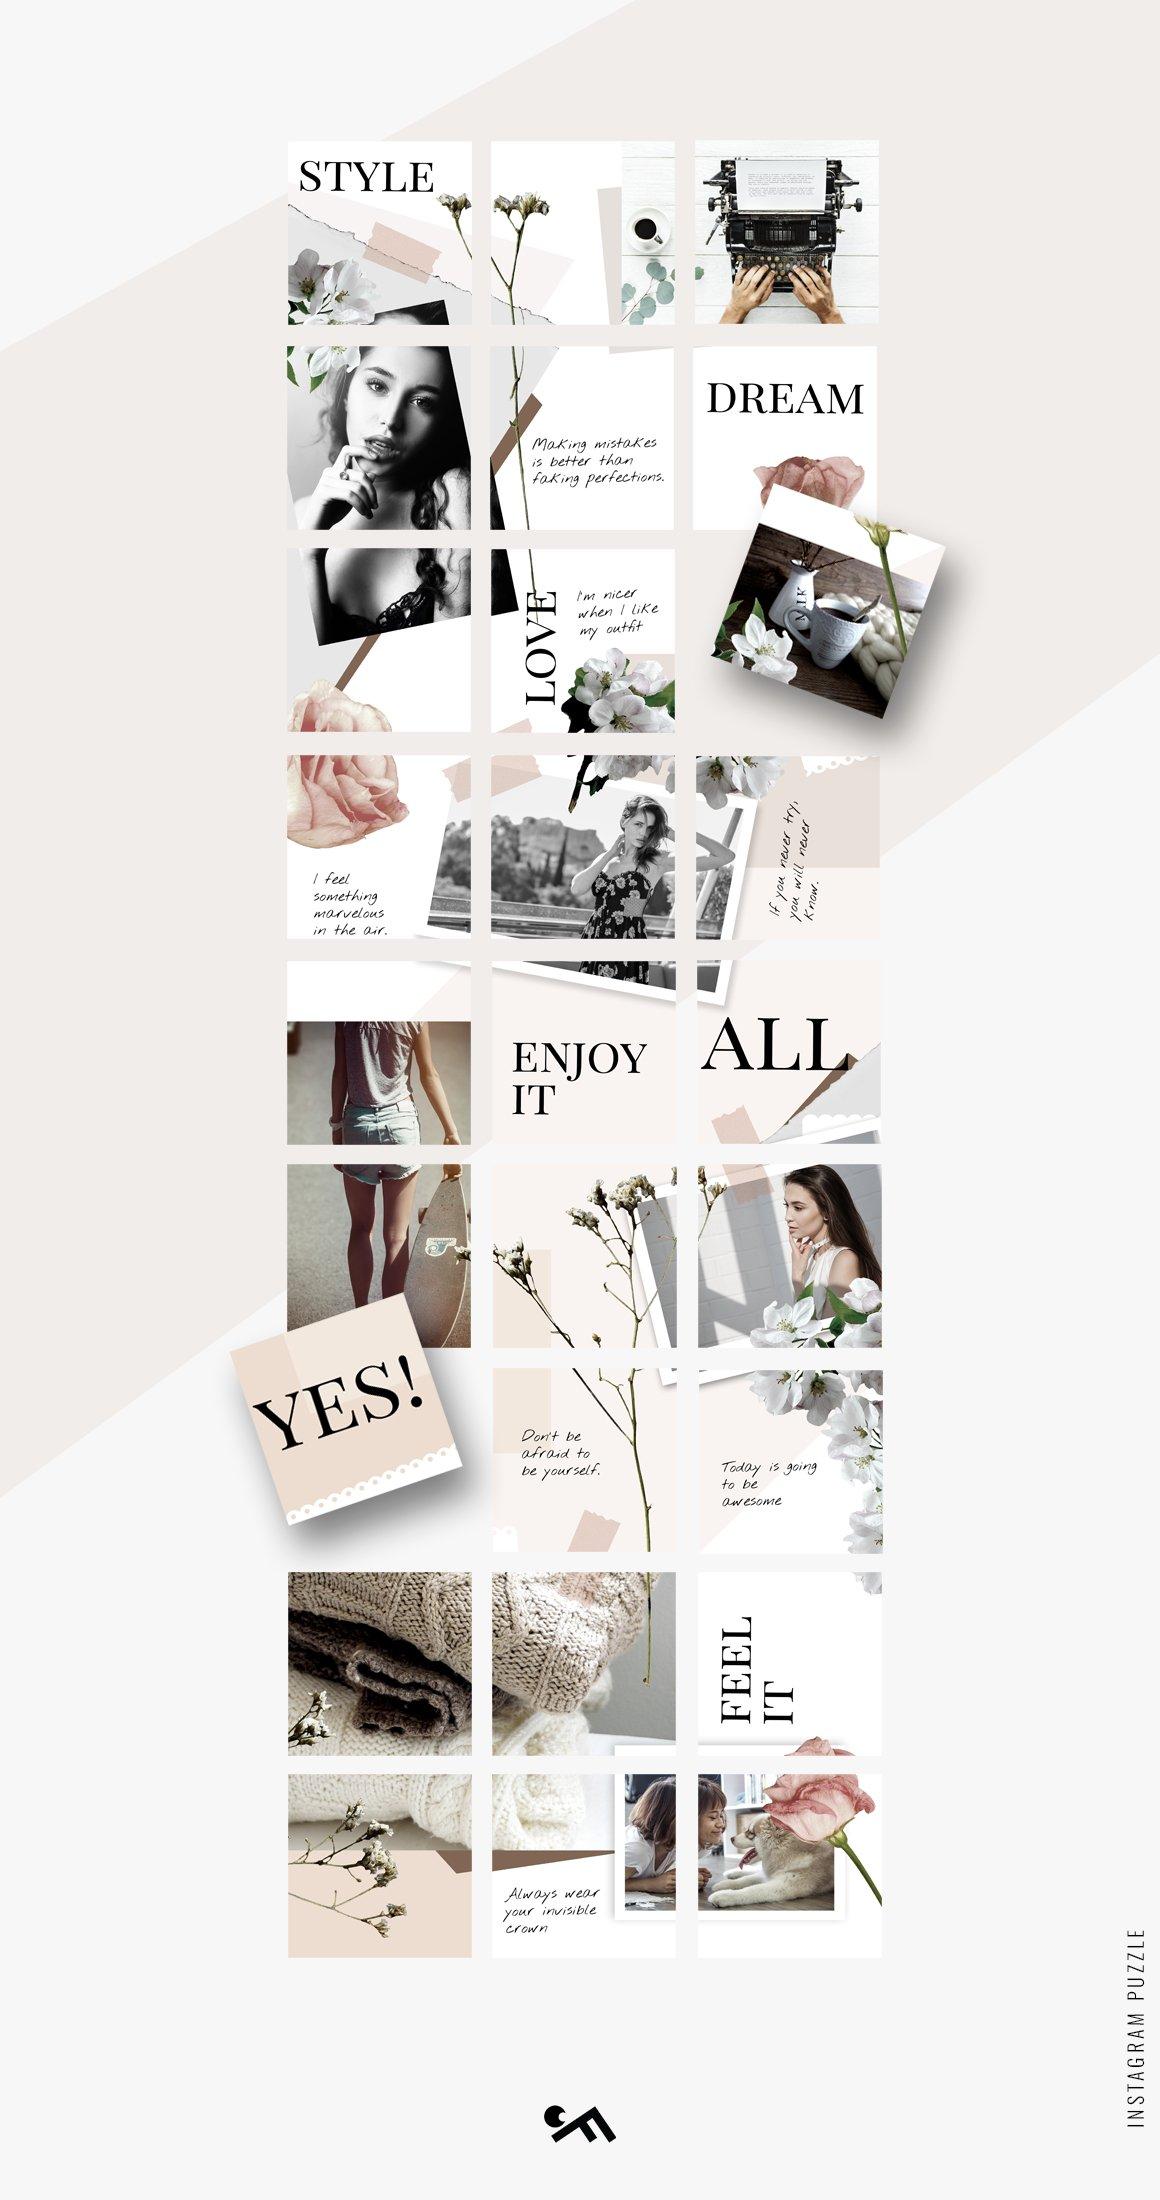 几何拼贴女性服装电商营销朋友圈广告海报INS风模板 Instagram PUZZLE template – Floral插图(1)